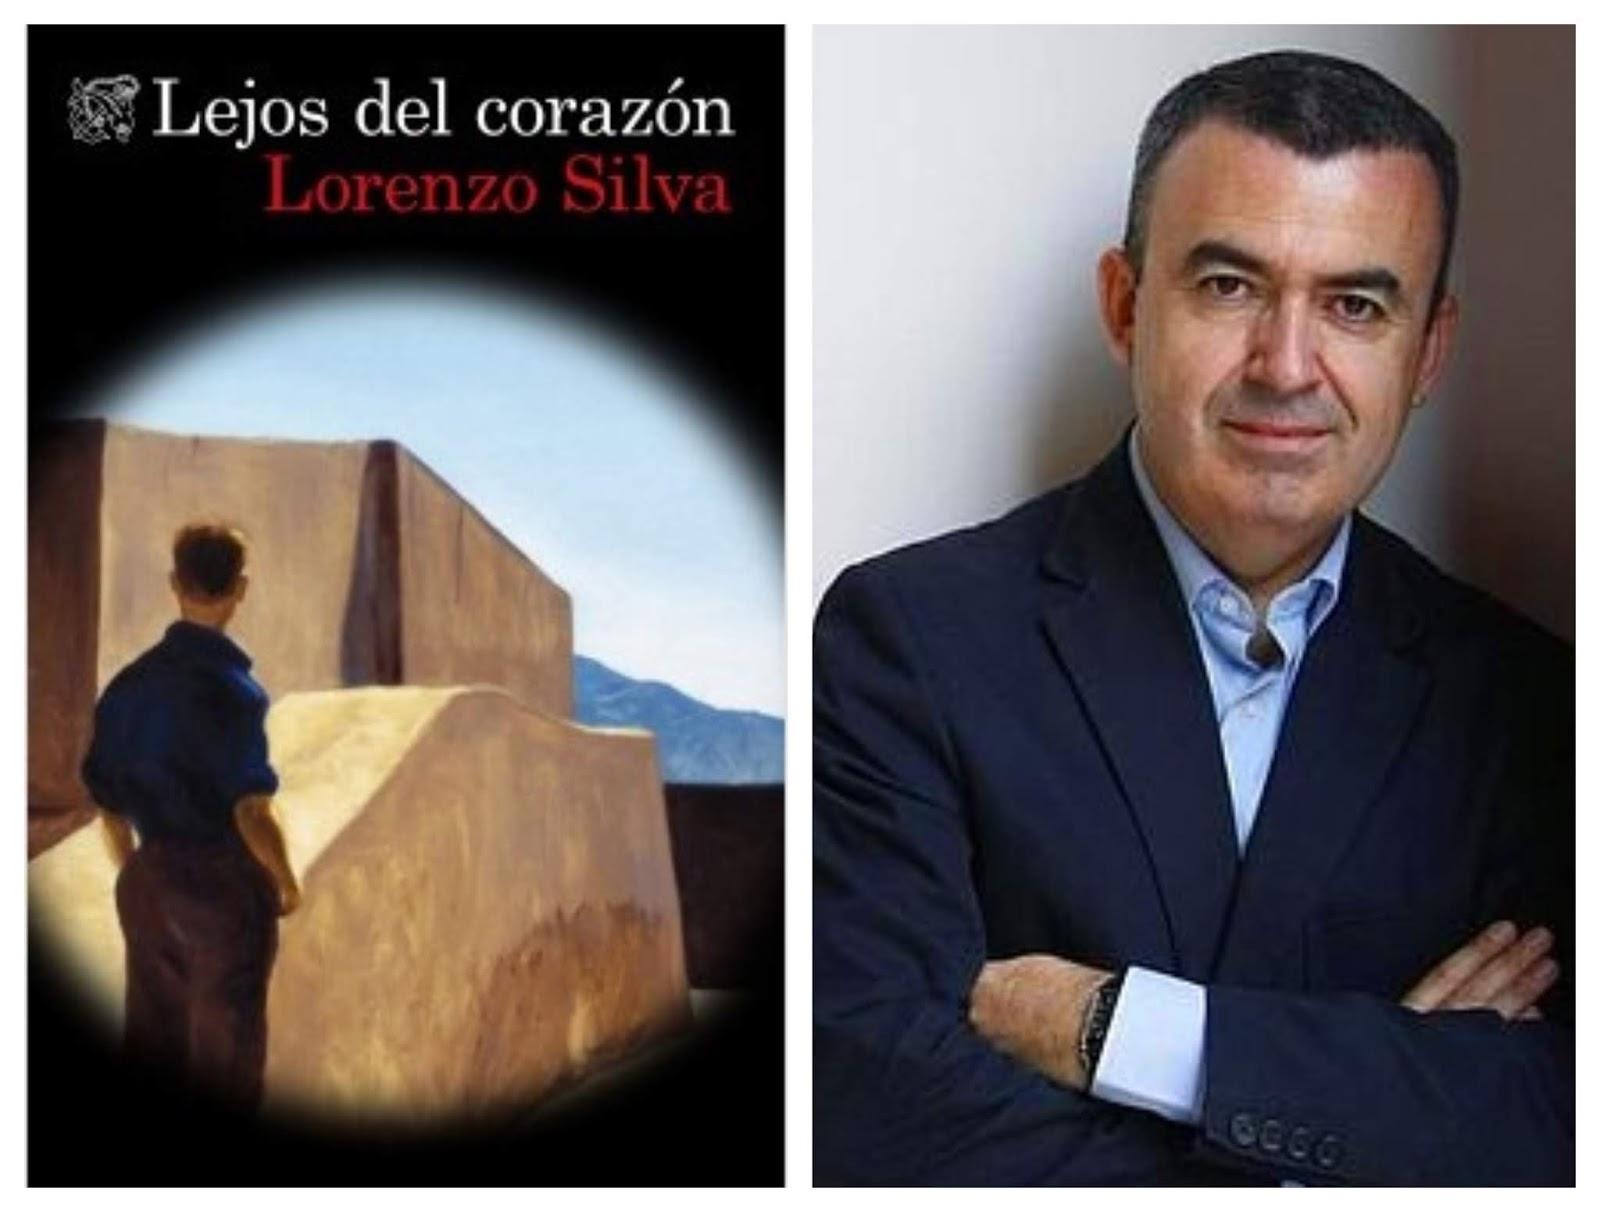 PRESENTACIÓN LEJOS DEL CORAZÓN - LORENZO SILVA   De lector